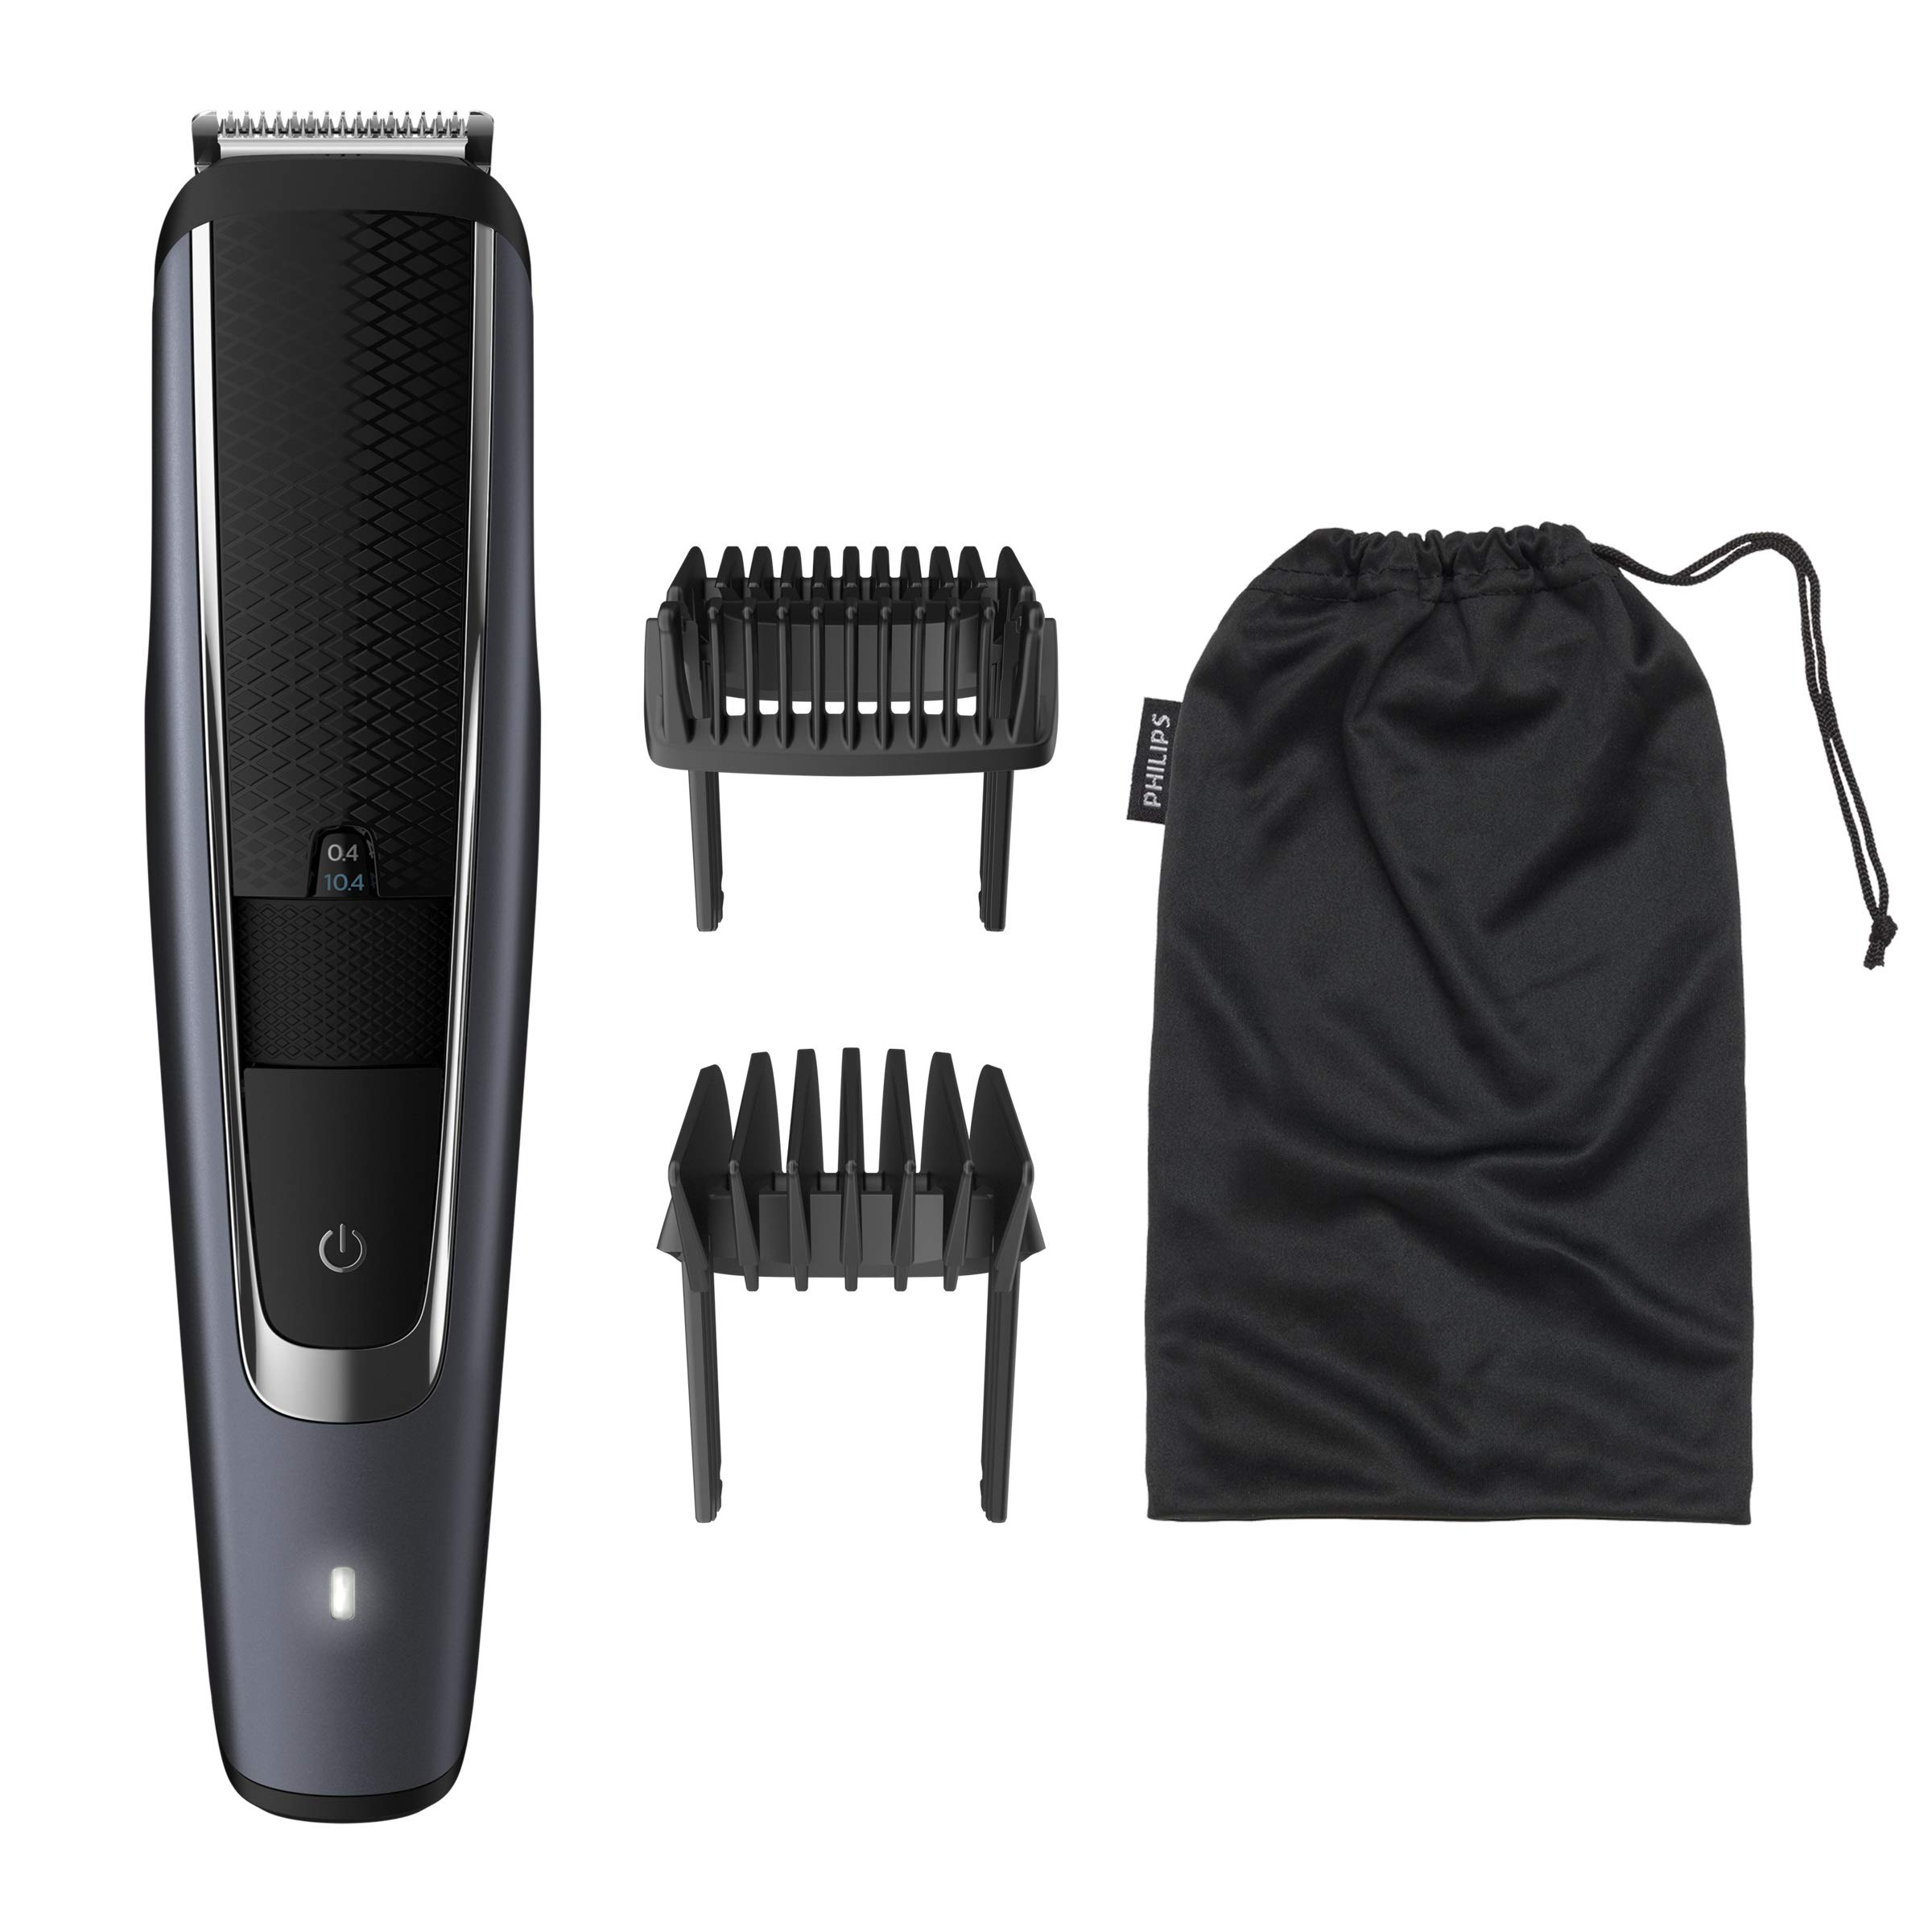 Philips Barbero Serie 5000 BT5502/16 - Recortadora de barba con 40 posiciones de longitud